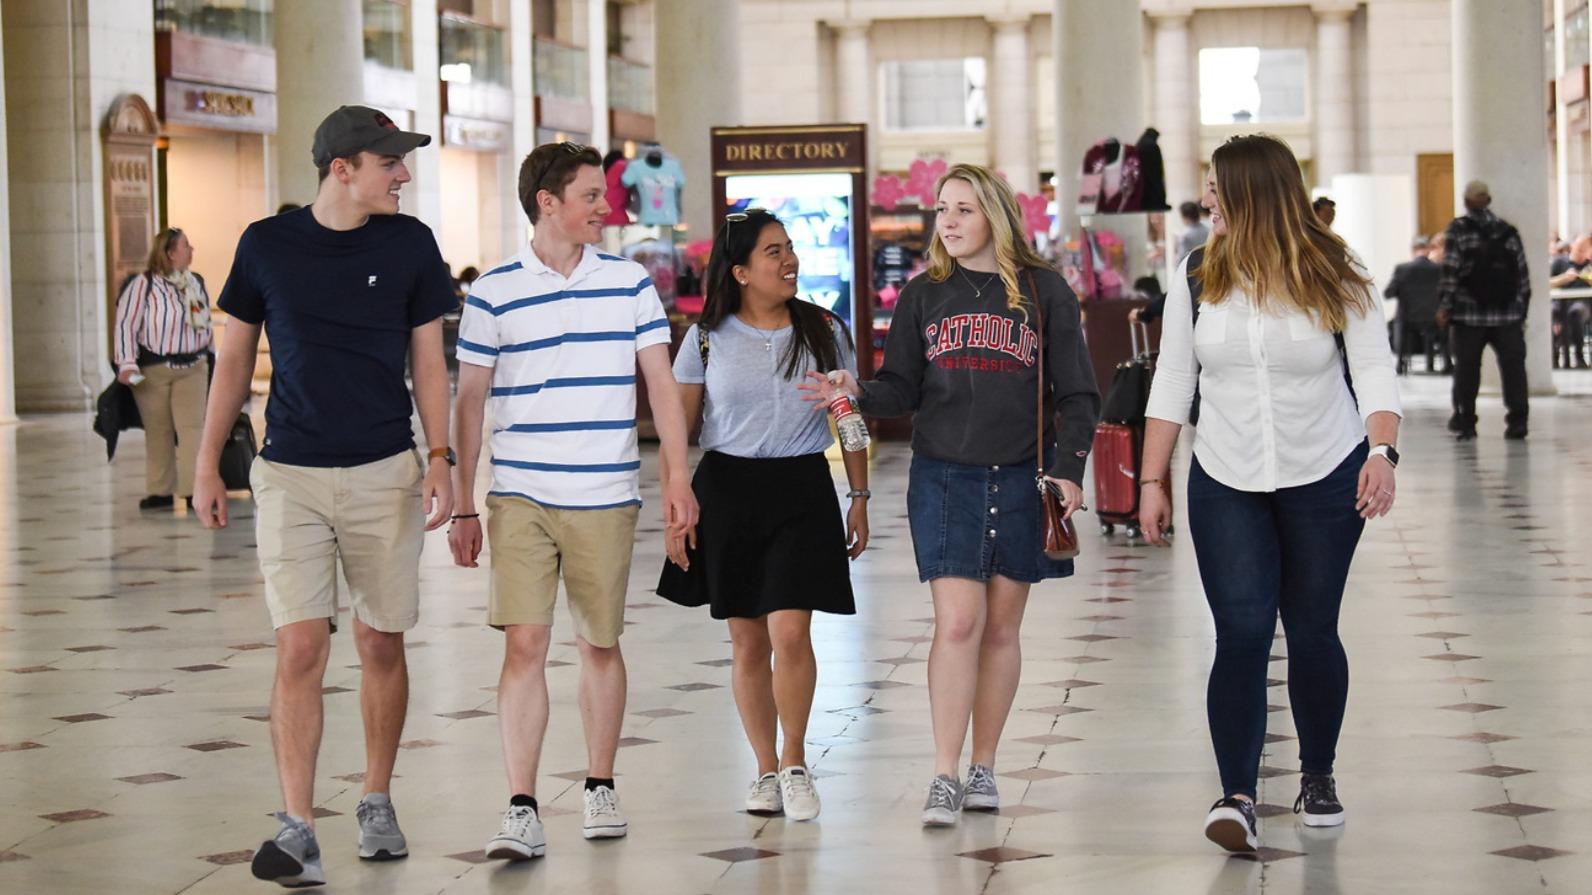 Catholic University students talking